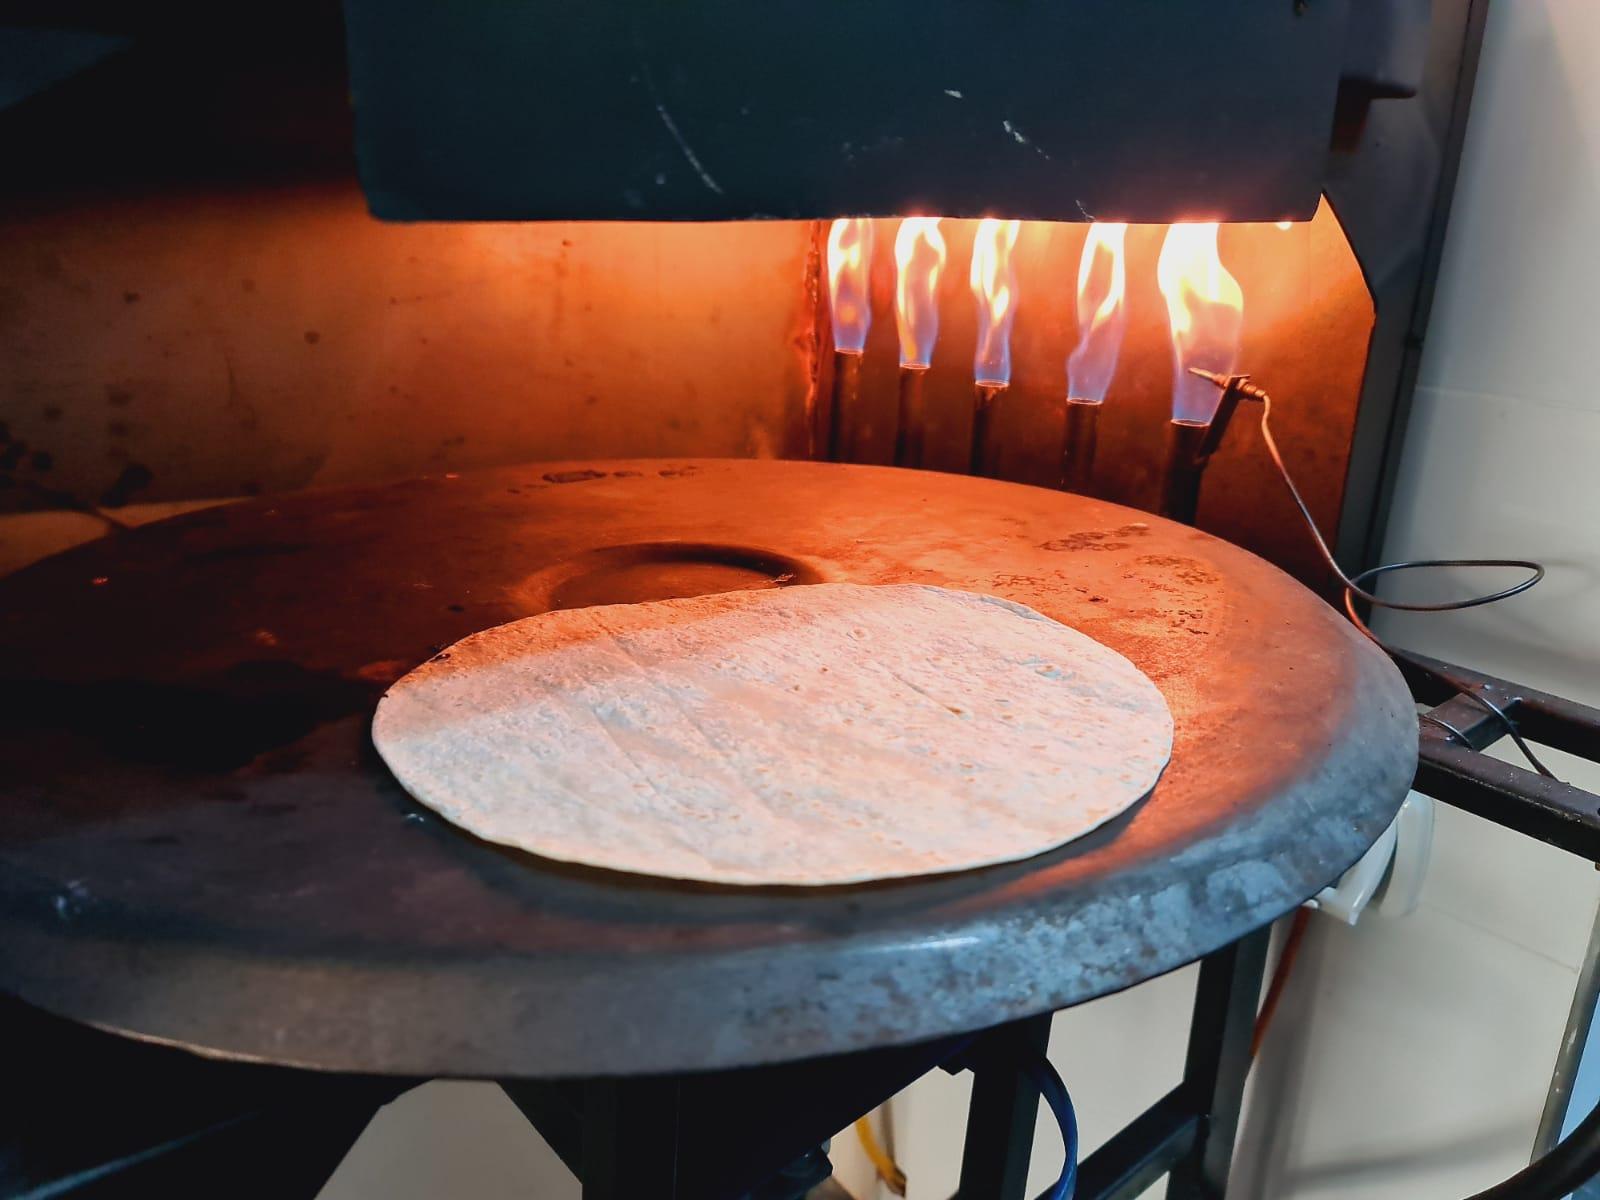 فيديو: هل تذوقتم الشاورما على الفحم؟ - متوفرة الآن لدى مطعم بالي باجيت بيافا